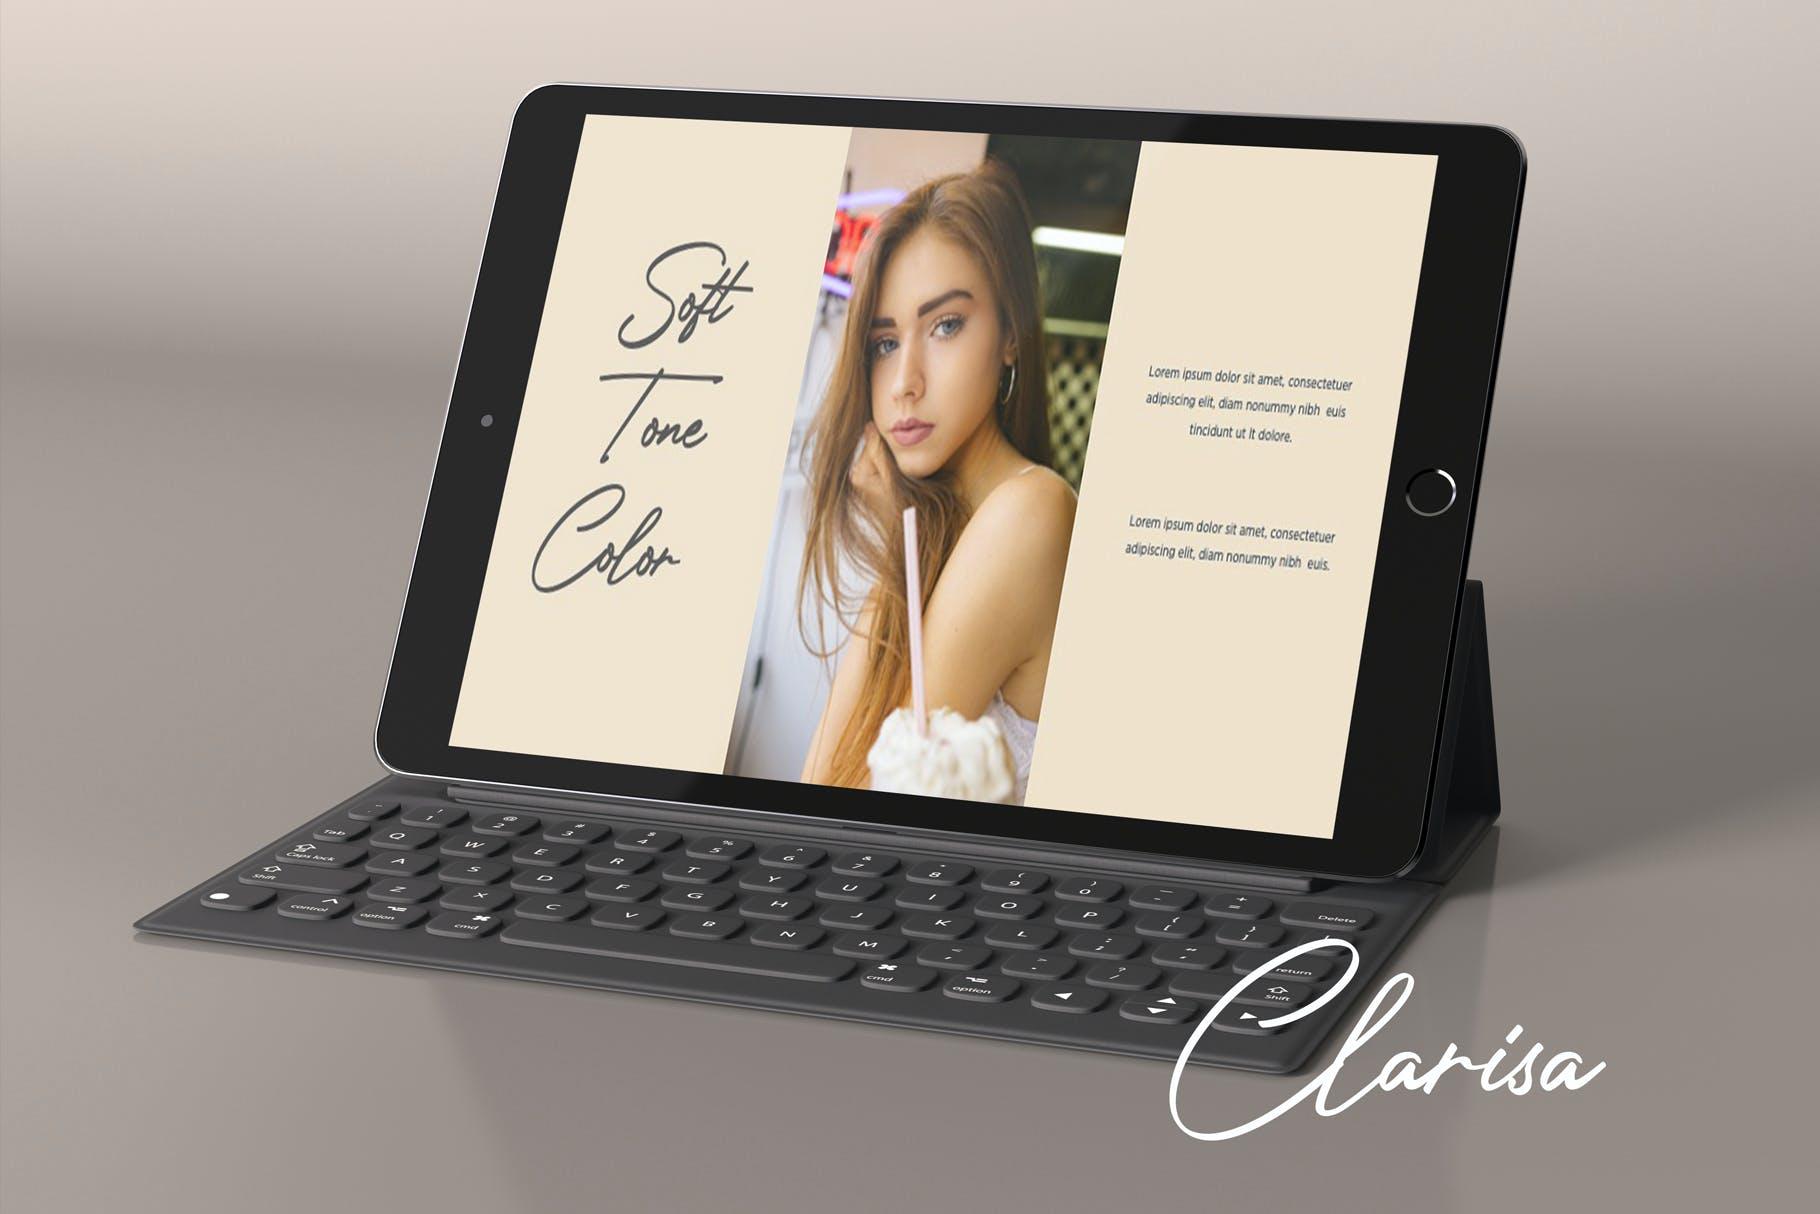 时尚优雅摄影作品集演示幻灯片设计模板 Clarisa Bundle Presentation插图7